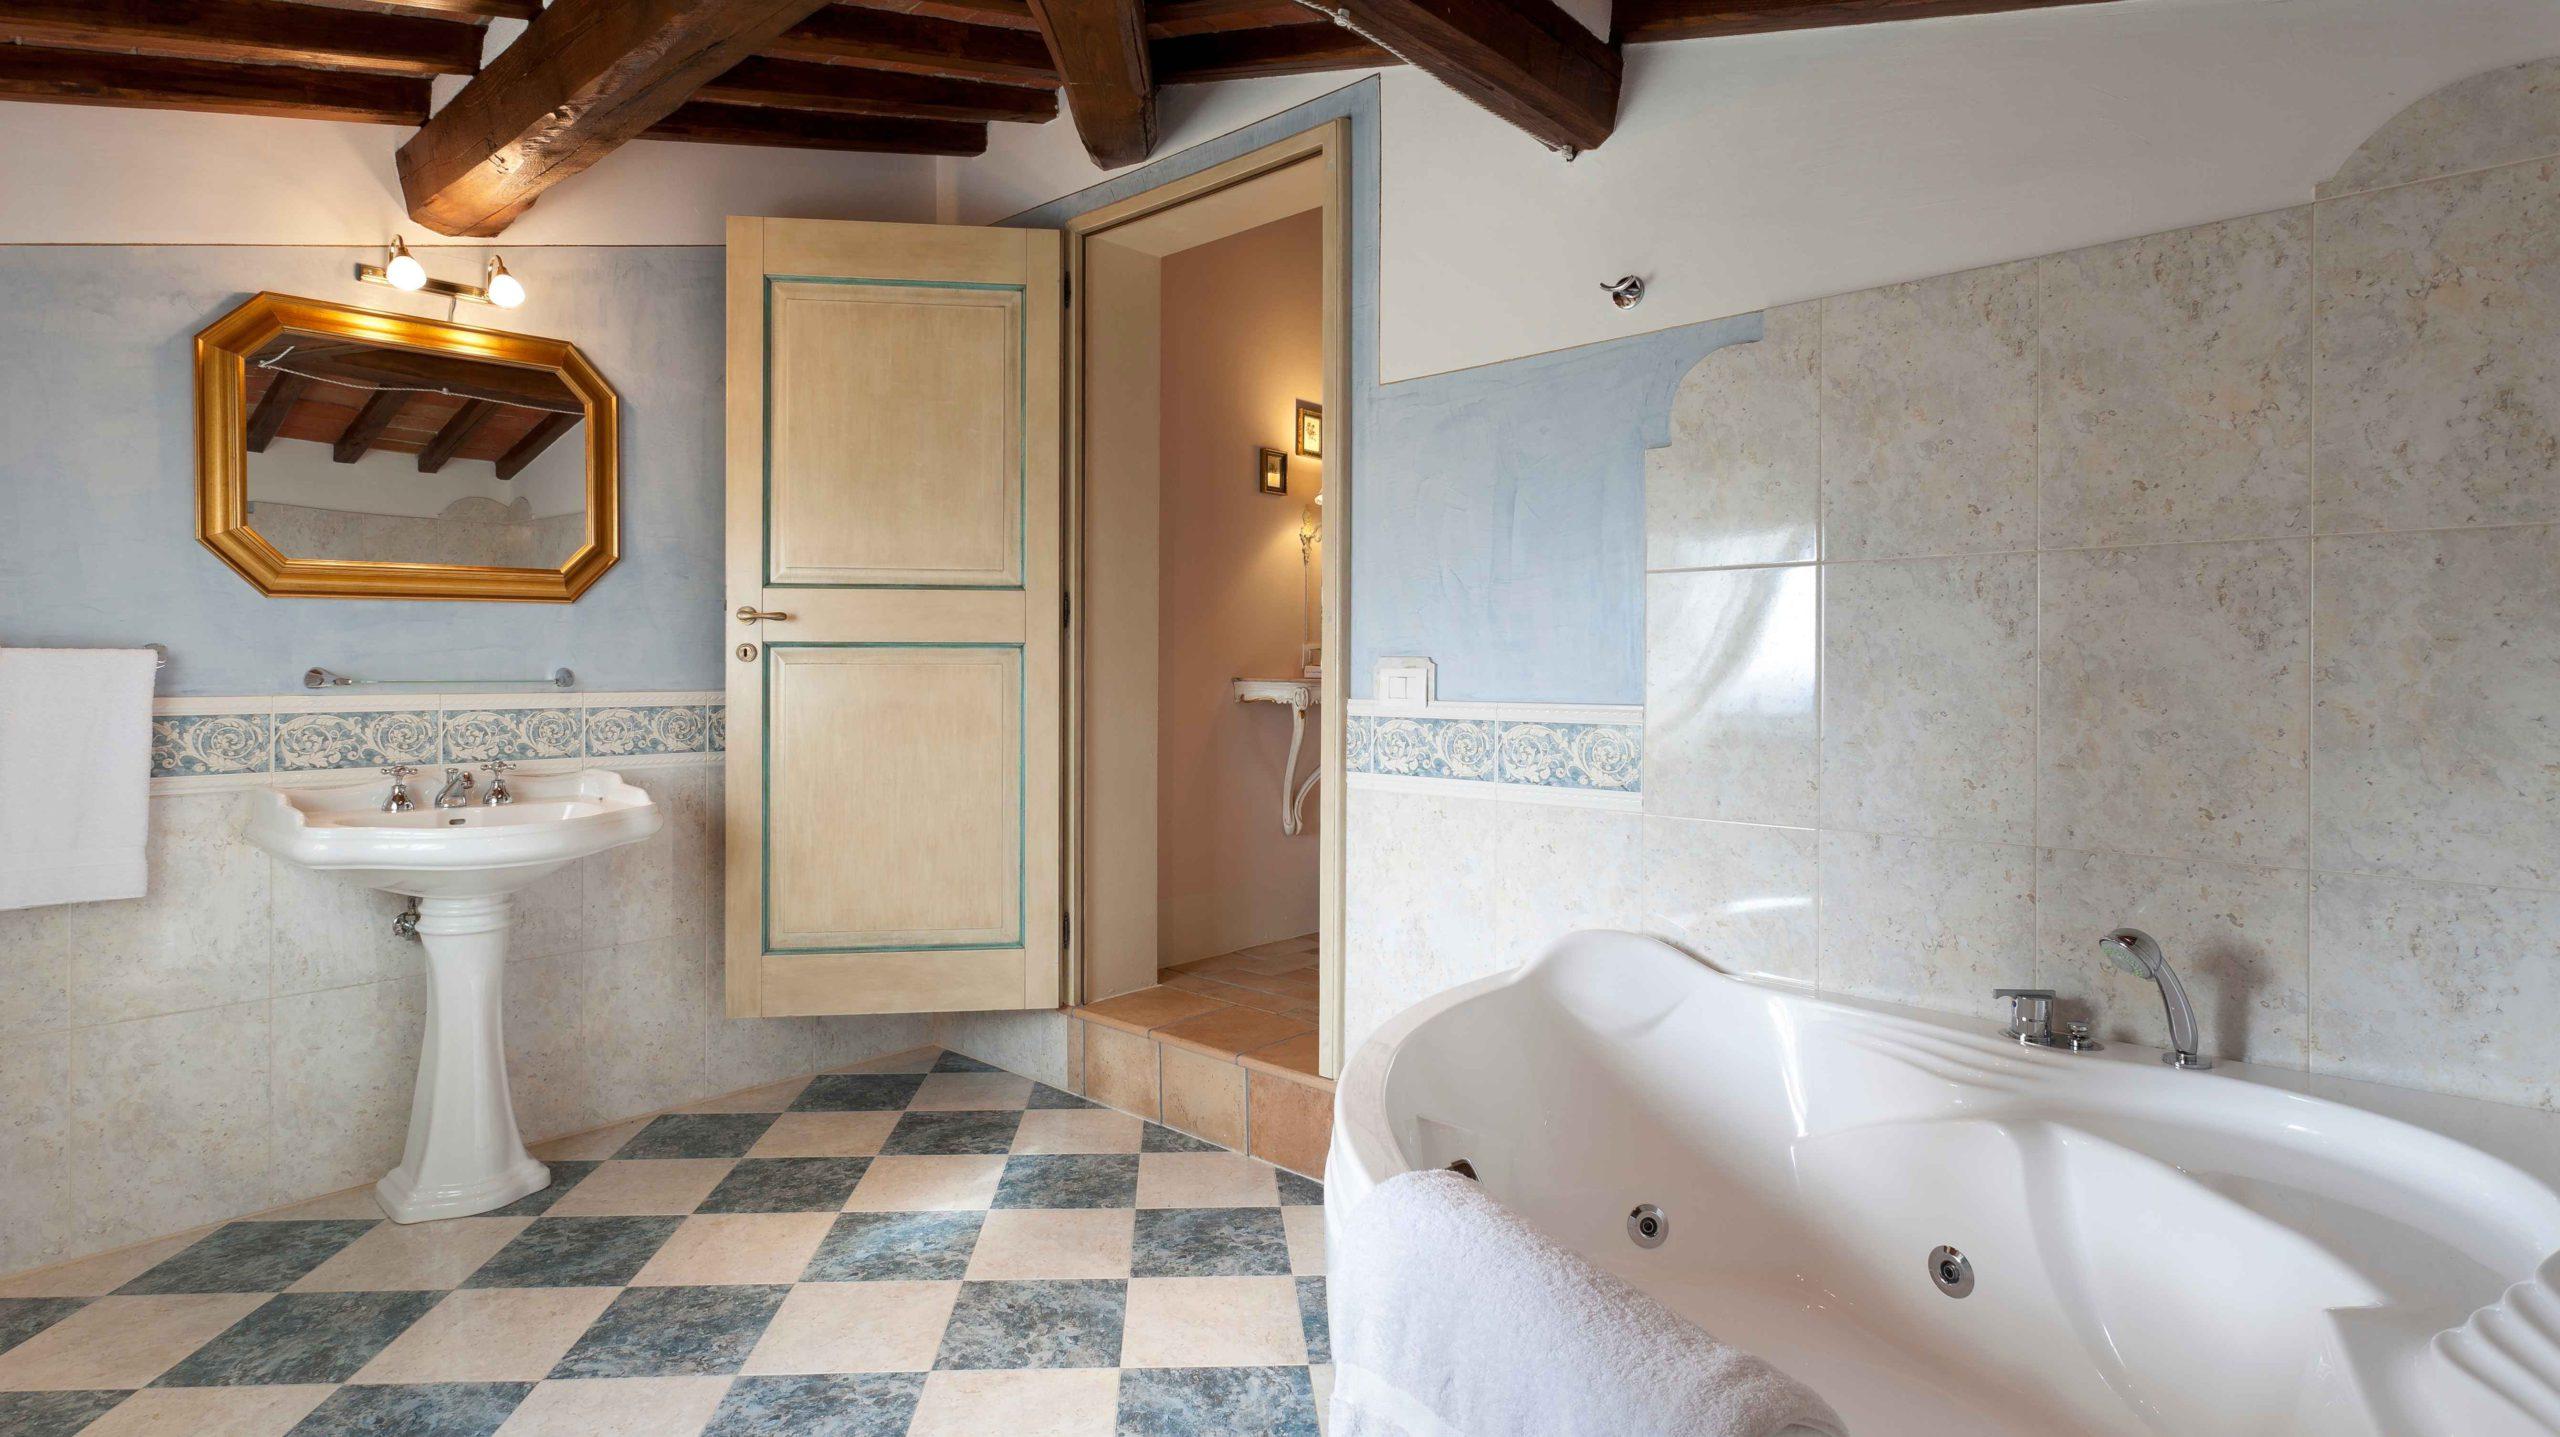 Zefiro badkamer